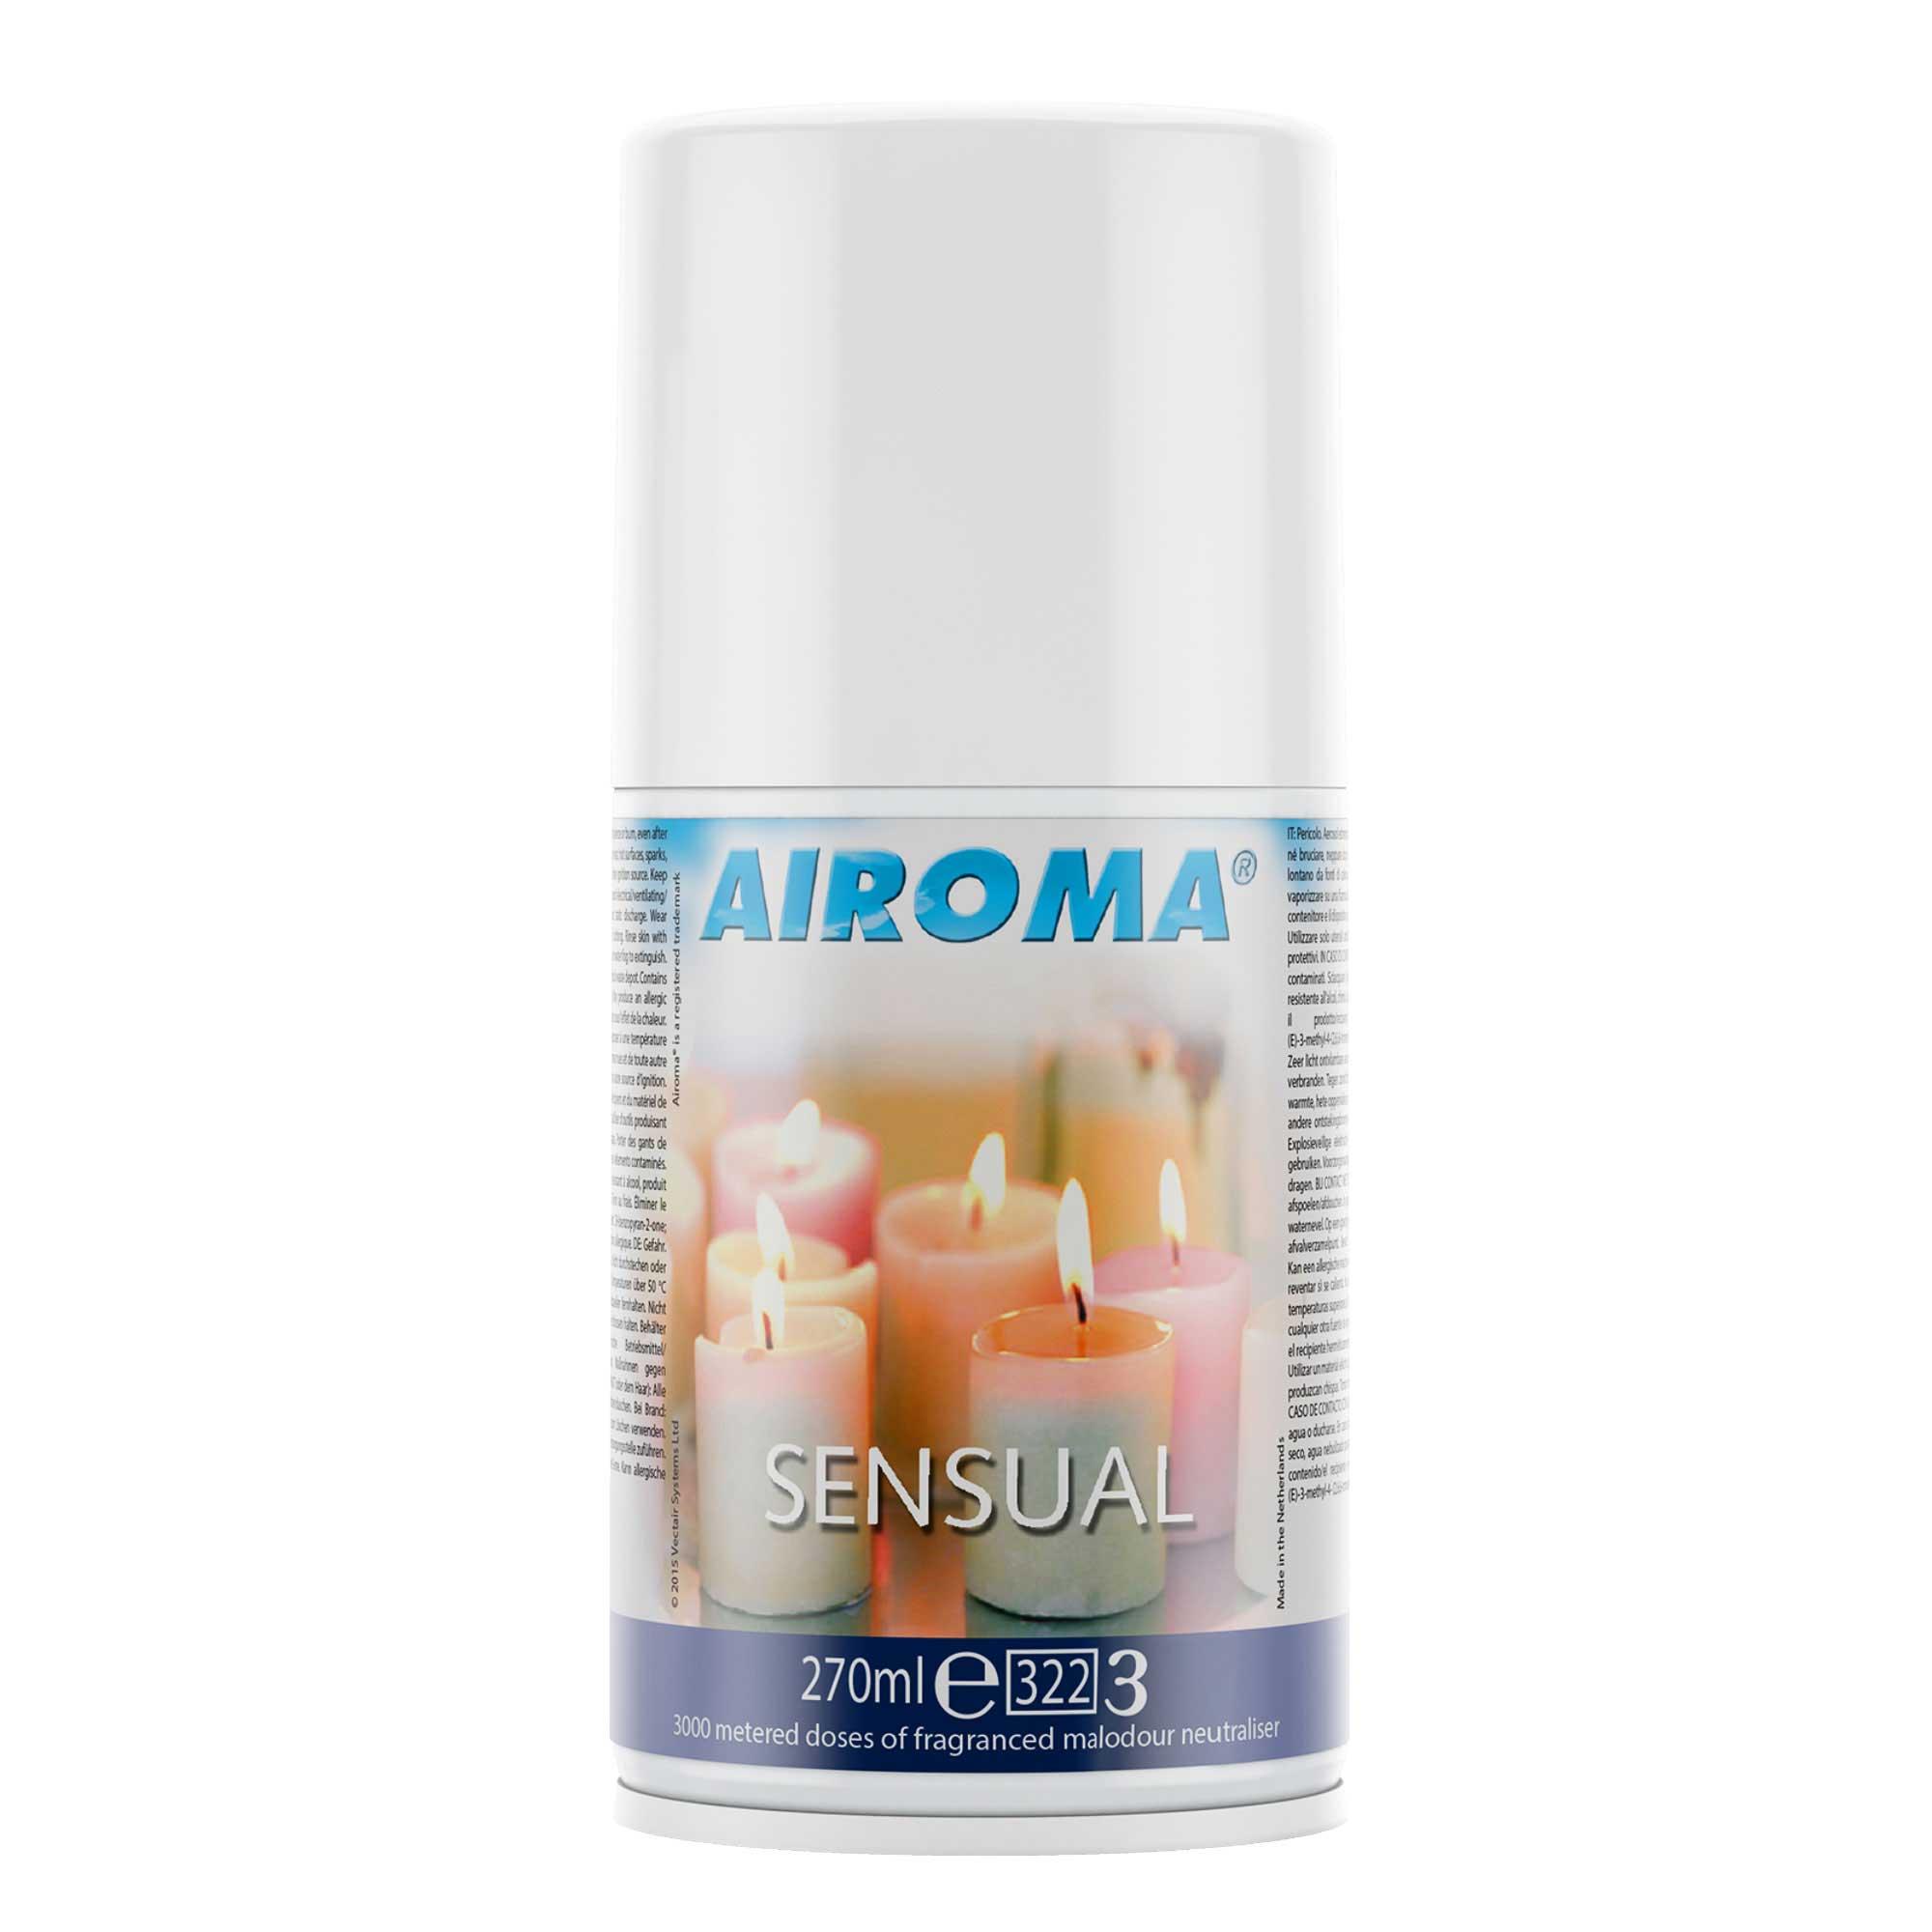 Airoma® Sensual Refill